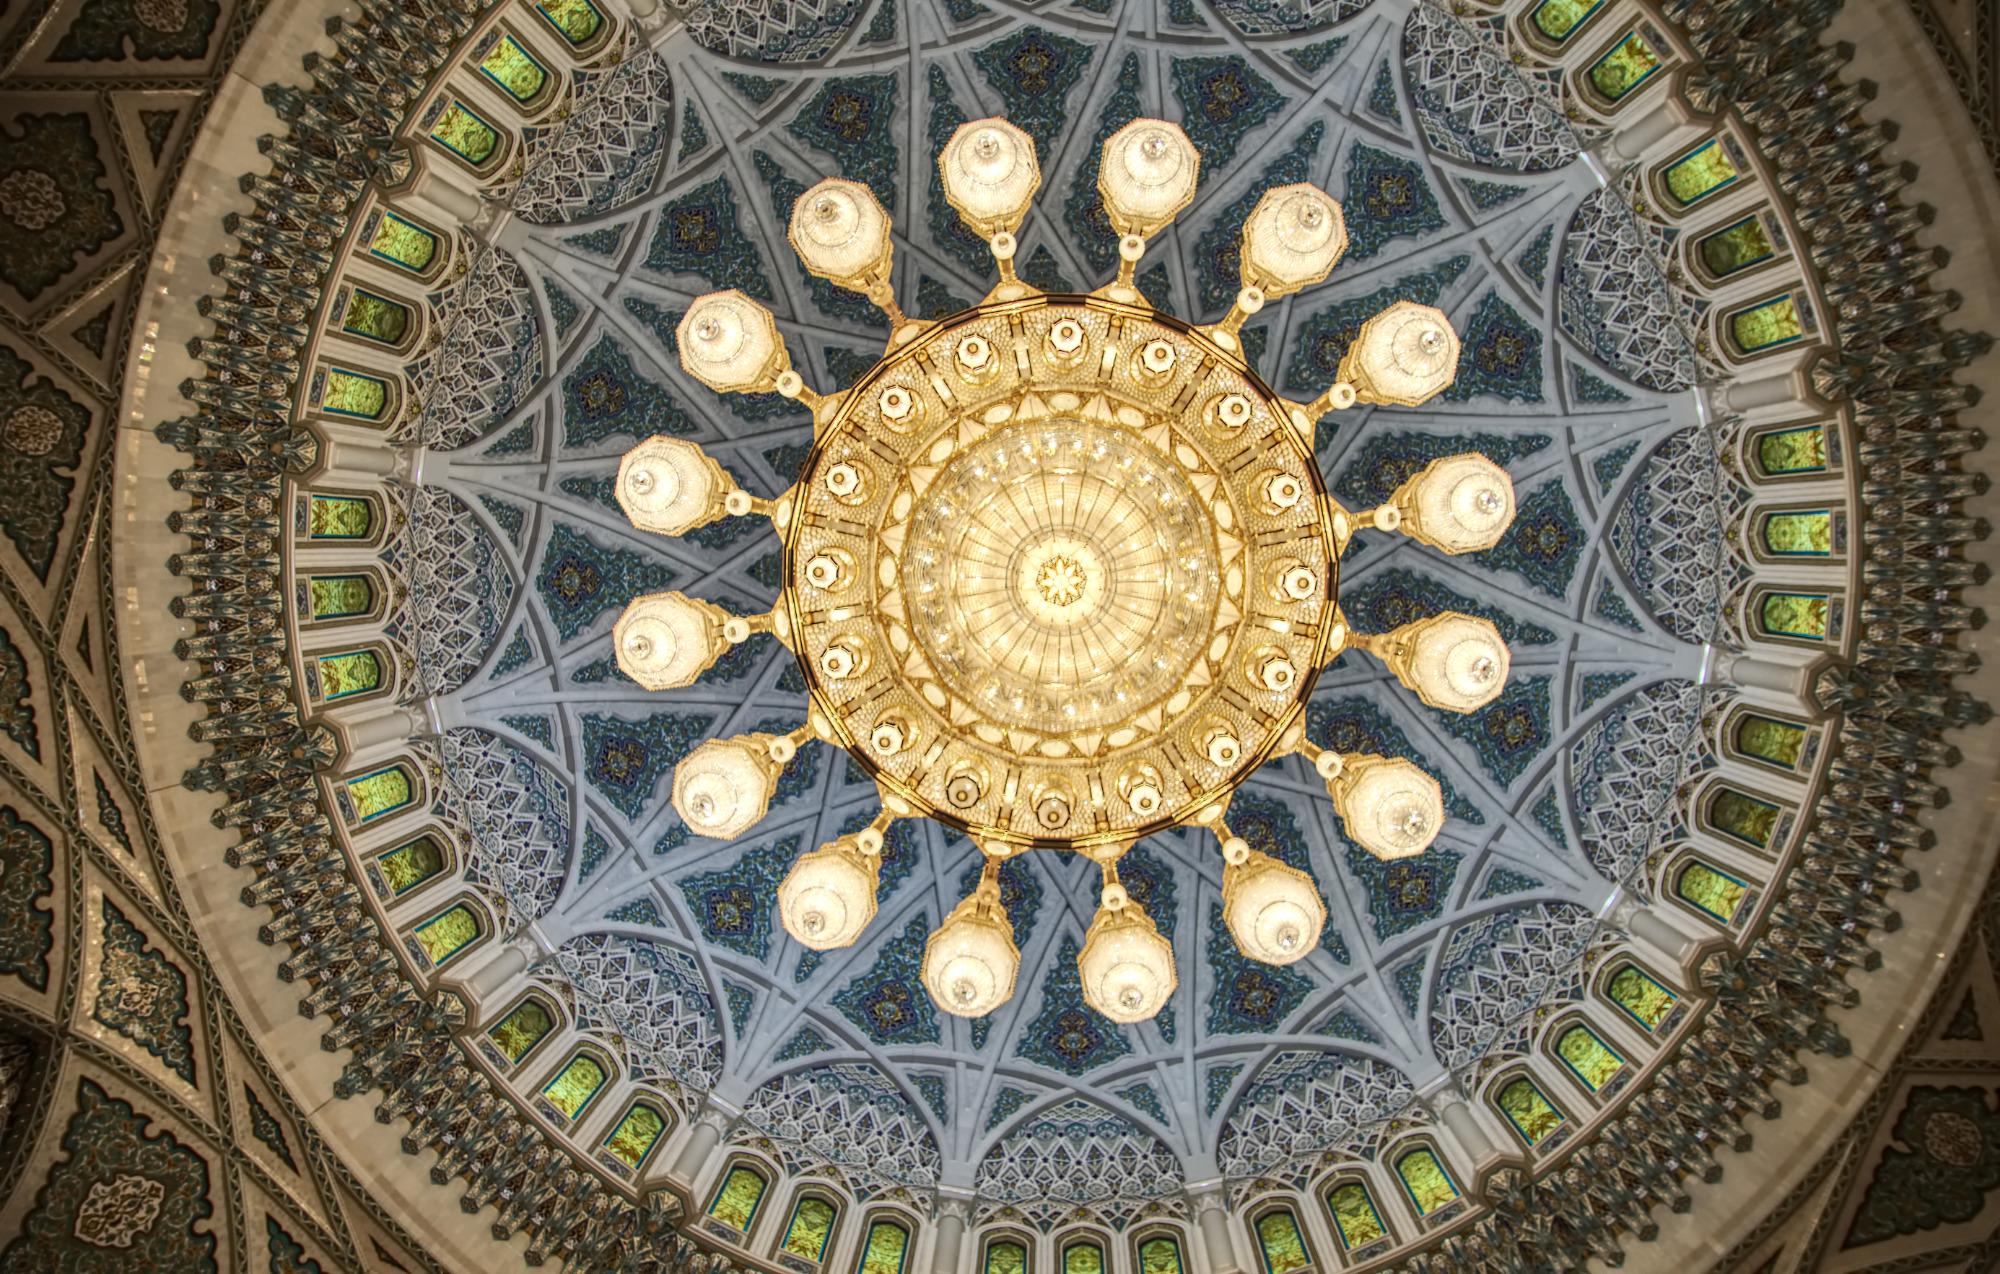 Kronleuchter in der Kuppel der großen Moschee von Mascat